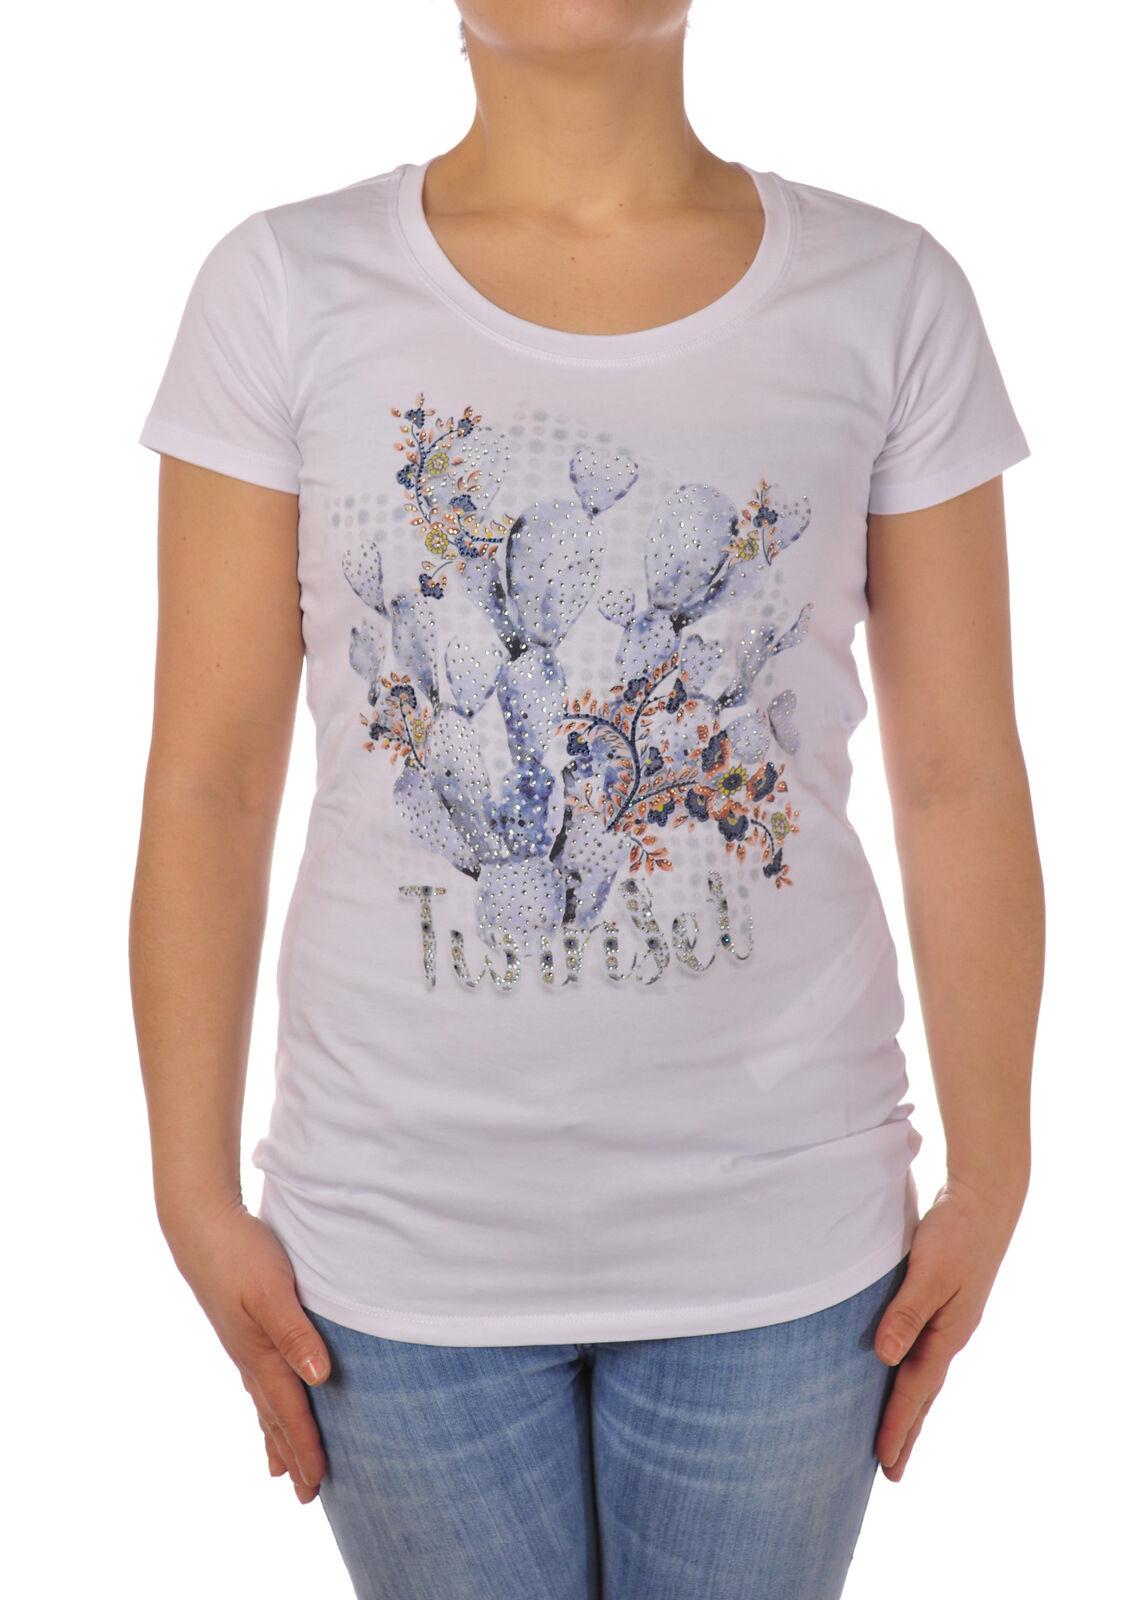 Twin  Set-topwear-T-Shirts - Mujer-blancoo - 5079202F184425  en promociones de estadios